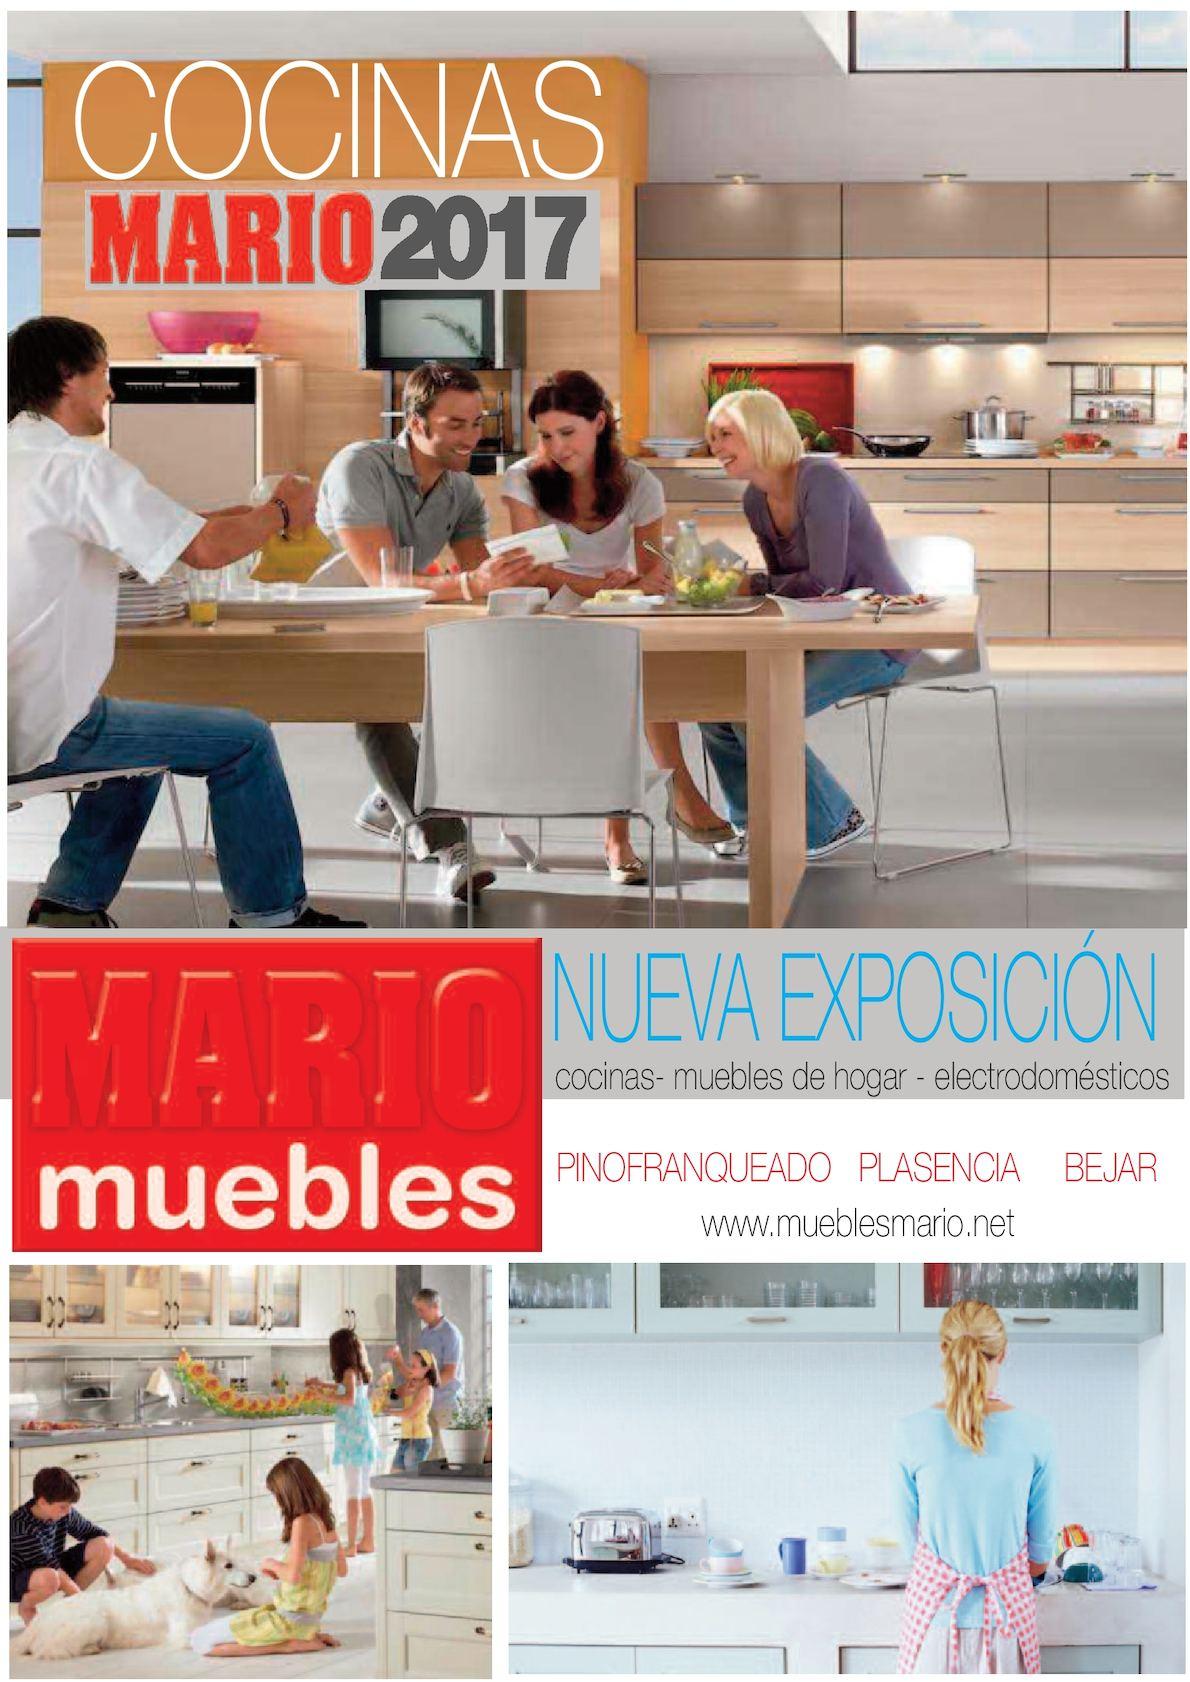 calam o catalogo cocinas 2017 nueva exposicion muebles mario